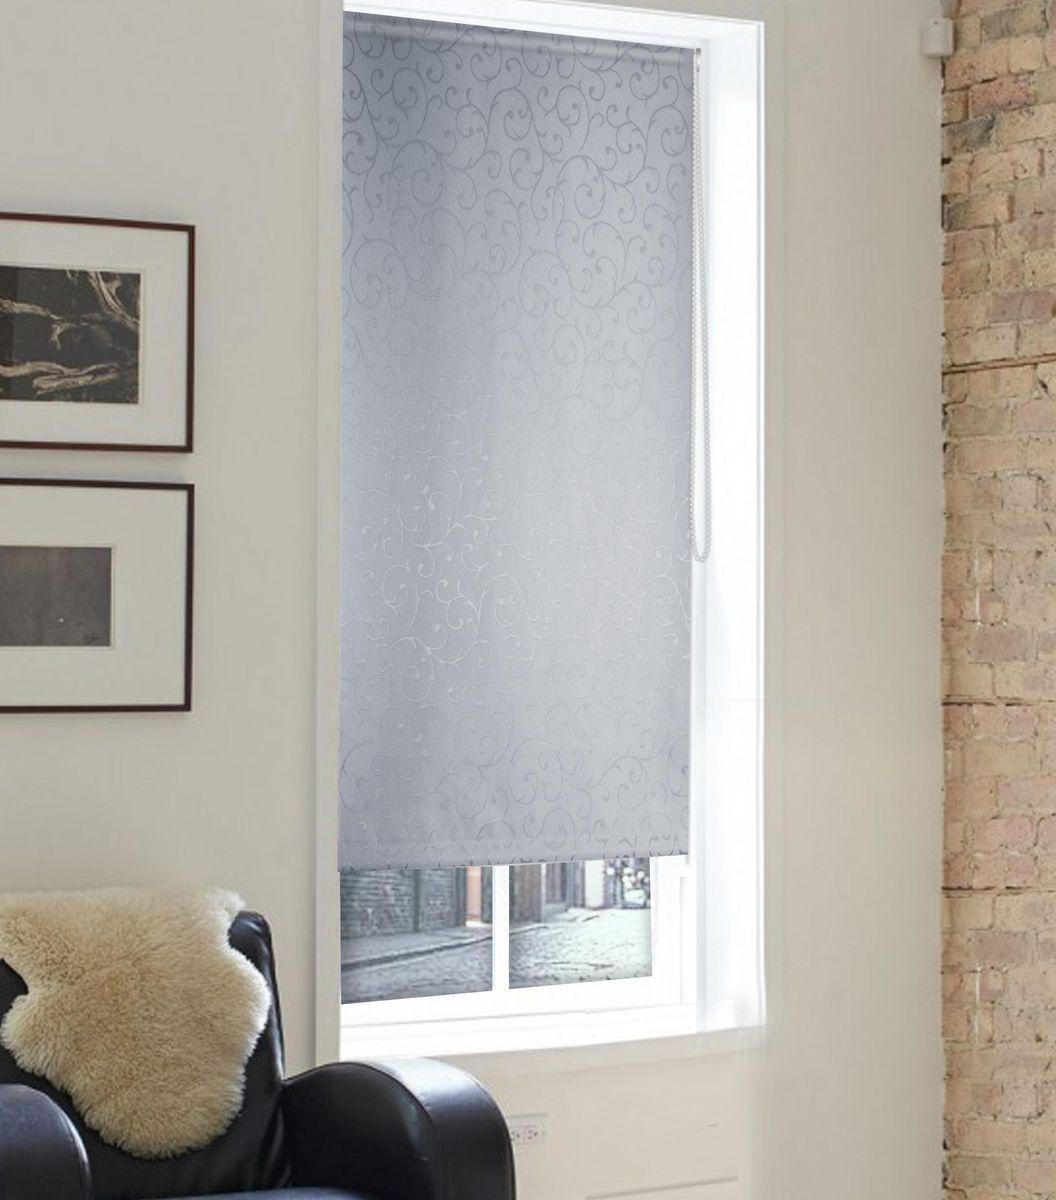 Штора рулонная Эскар Агат, цвет: серый, ширина 60 см, высота 160 см80462Рулонными шторами можно оформлять окна как самостоятельно, так и использовать в комбинации с портьерами. Это поможет предотвратить выгорание дорогой ткани на солнце и соединит функционал рулонных с красотой навесных.Преимущества применения рулонных штор для пластиковых окон:- имеют прекрасный внешний вид: многообразие и фактурность материала изделия отлично смотрятся в любом интерьере; - многофункциональны: есть возможность подобрать шторы способные эффективно защитить комнату от солнца, при этом она не будет слишком темной.- Есть возможность осуществить быстрый монтаж.ВНИМАНИЕ! Размеры ширины изделия указаны по ширине ткани!Во время эксплуатации не рекомендуется полностью разматывать рулон, чтобы не оторвать ткань от намоточного вала.В случае загрязнения поверхности ткани, чистку шторы проводят одним из способов, в зависимости от типа загрязнения: легкое поверхностное загрязнение можно удалить при помощи канцелярского ластика; чистка от пыли производится сухим методом при помощи пылесоса с мягкой щеткой-насадкой; для удаления пятна используйте мягкую губку с пенообразующим неагрессивным моющим средством или пятновыводитель на натуральной основе (нельзя применять растворители).